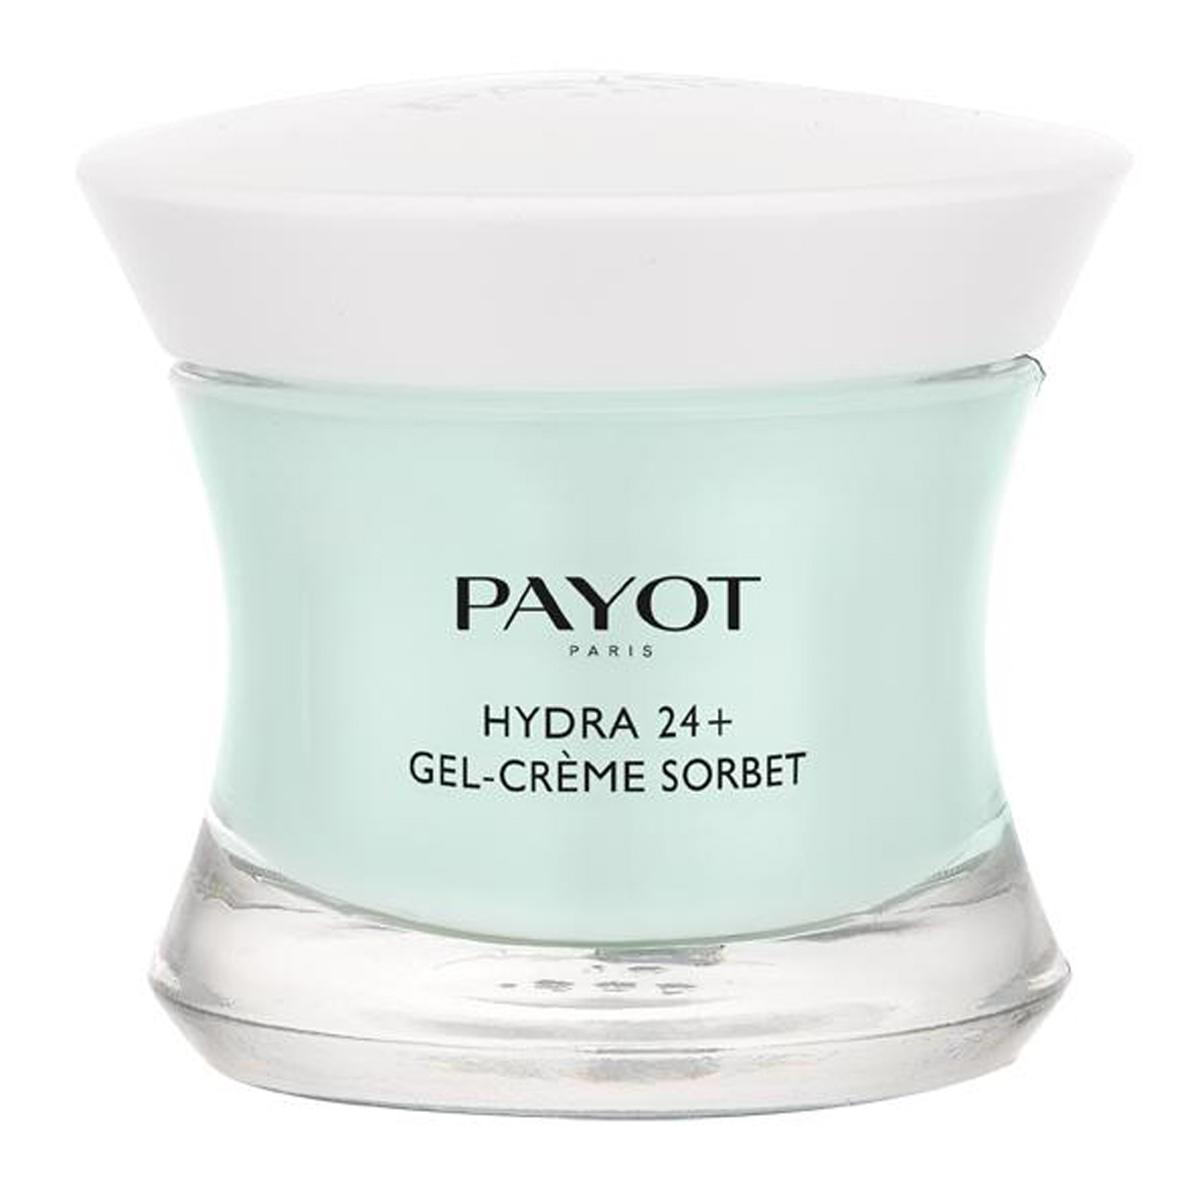 Payot Hydra 24+ Увлажняющий крем-гель, возвращающий контур коже, 50 мл65108984Увлажняет, предотвращает преждевременное старение и защищает от внешних агрессивных факторов.